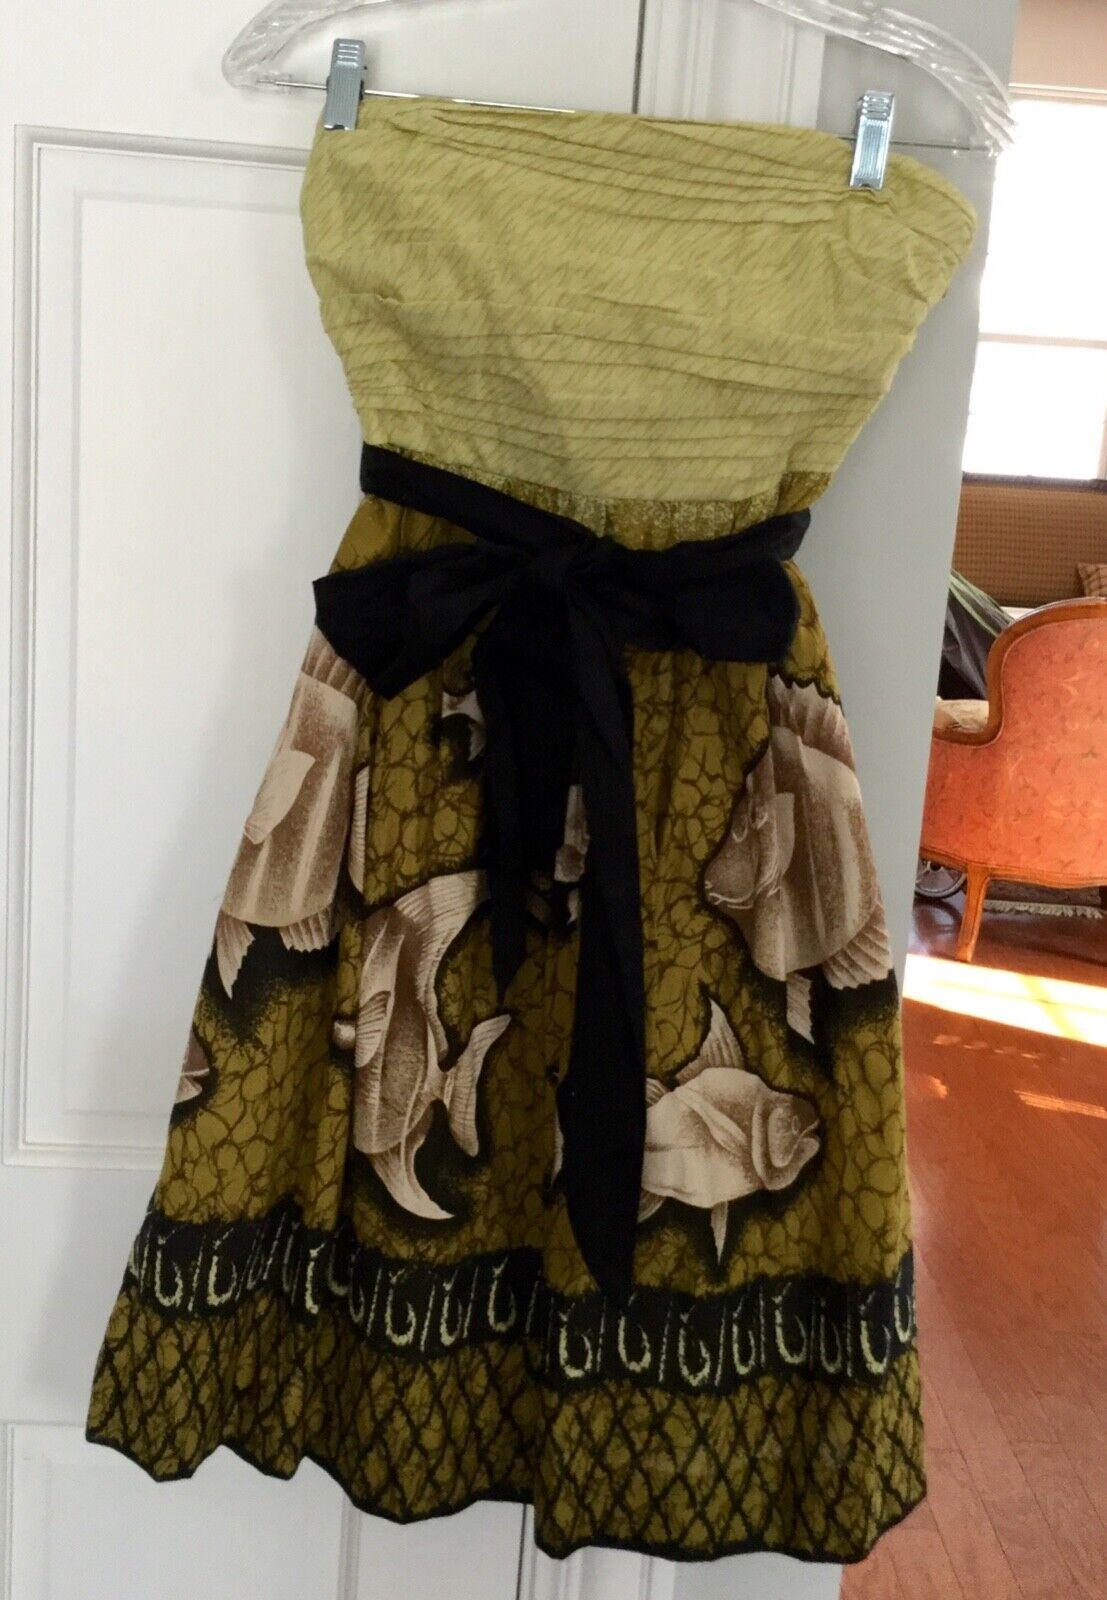 VANESSA VIRGINIA Anthropologie Strapless Dress - Size 2 - Fish Design - Belt-NEW